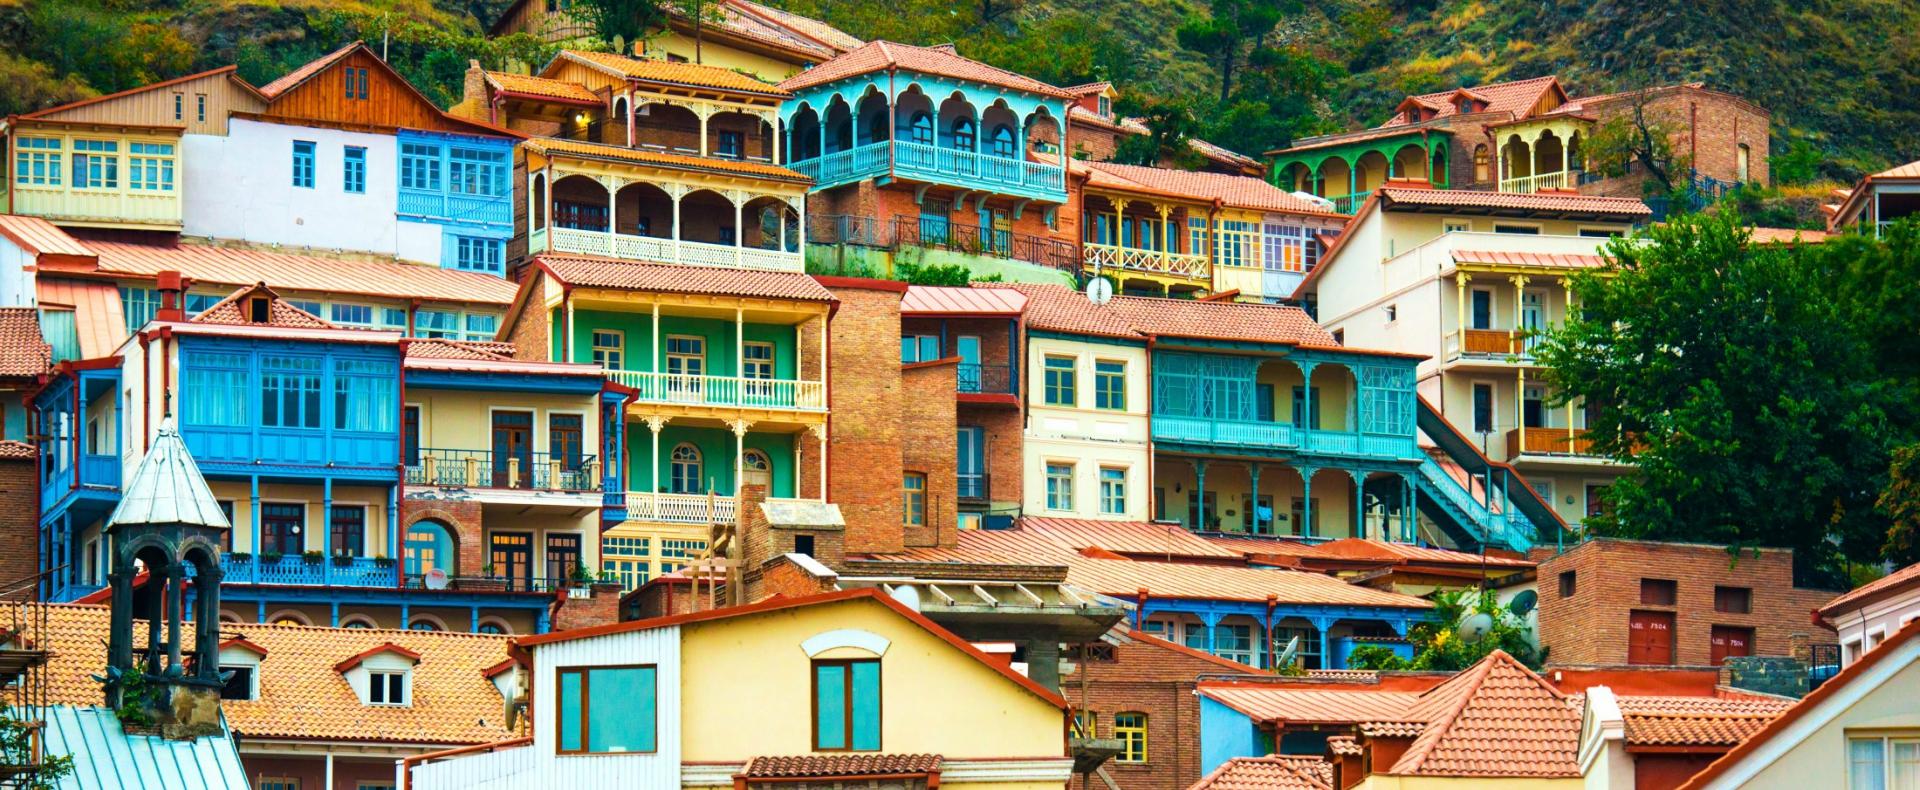 Tbilisi, capital of Georgia